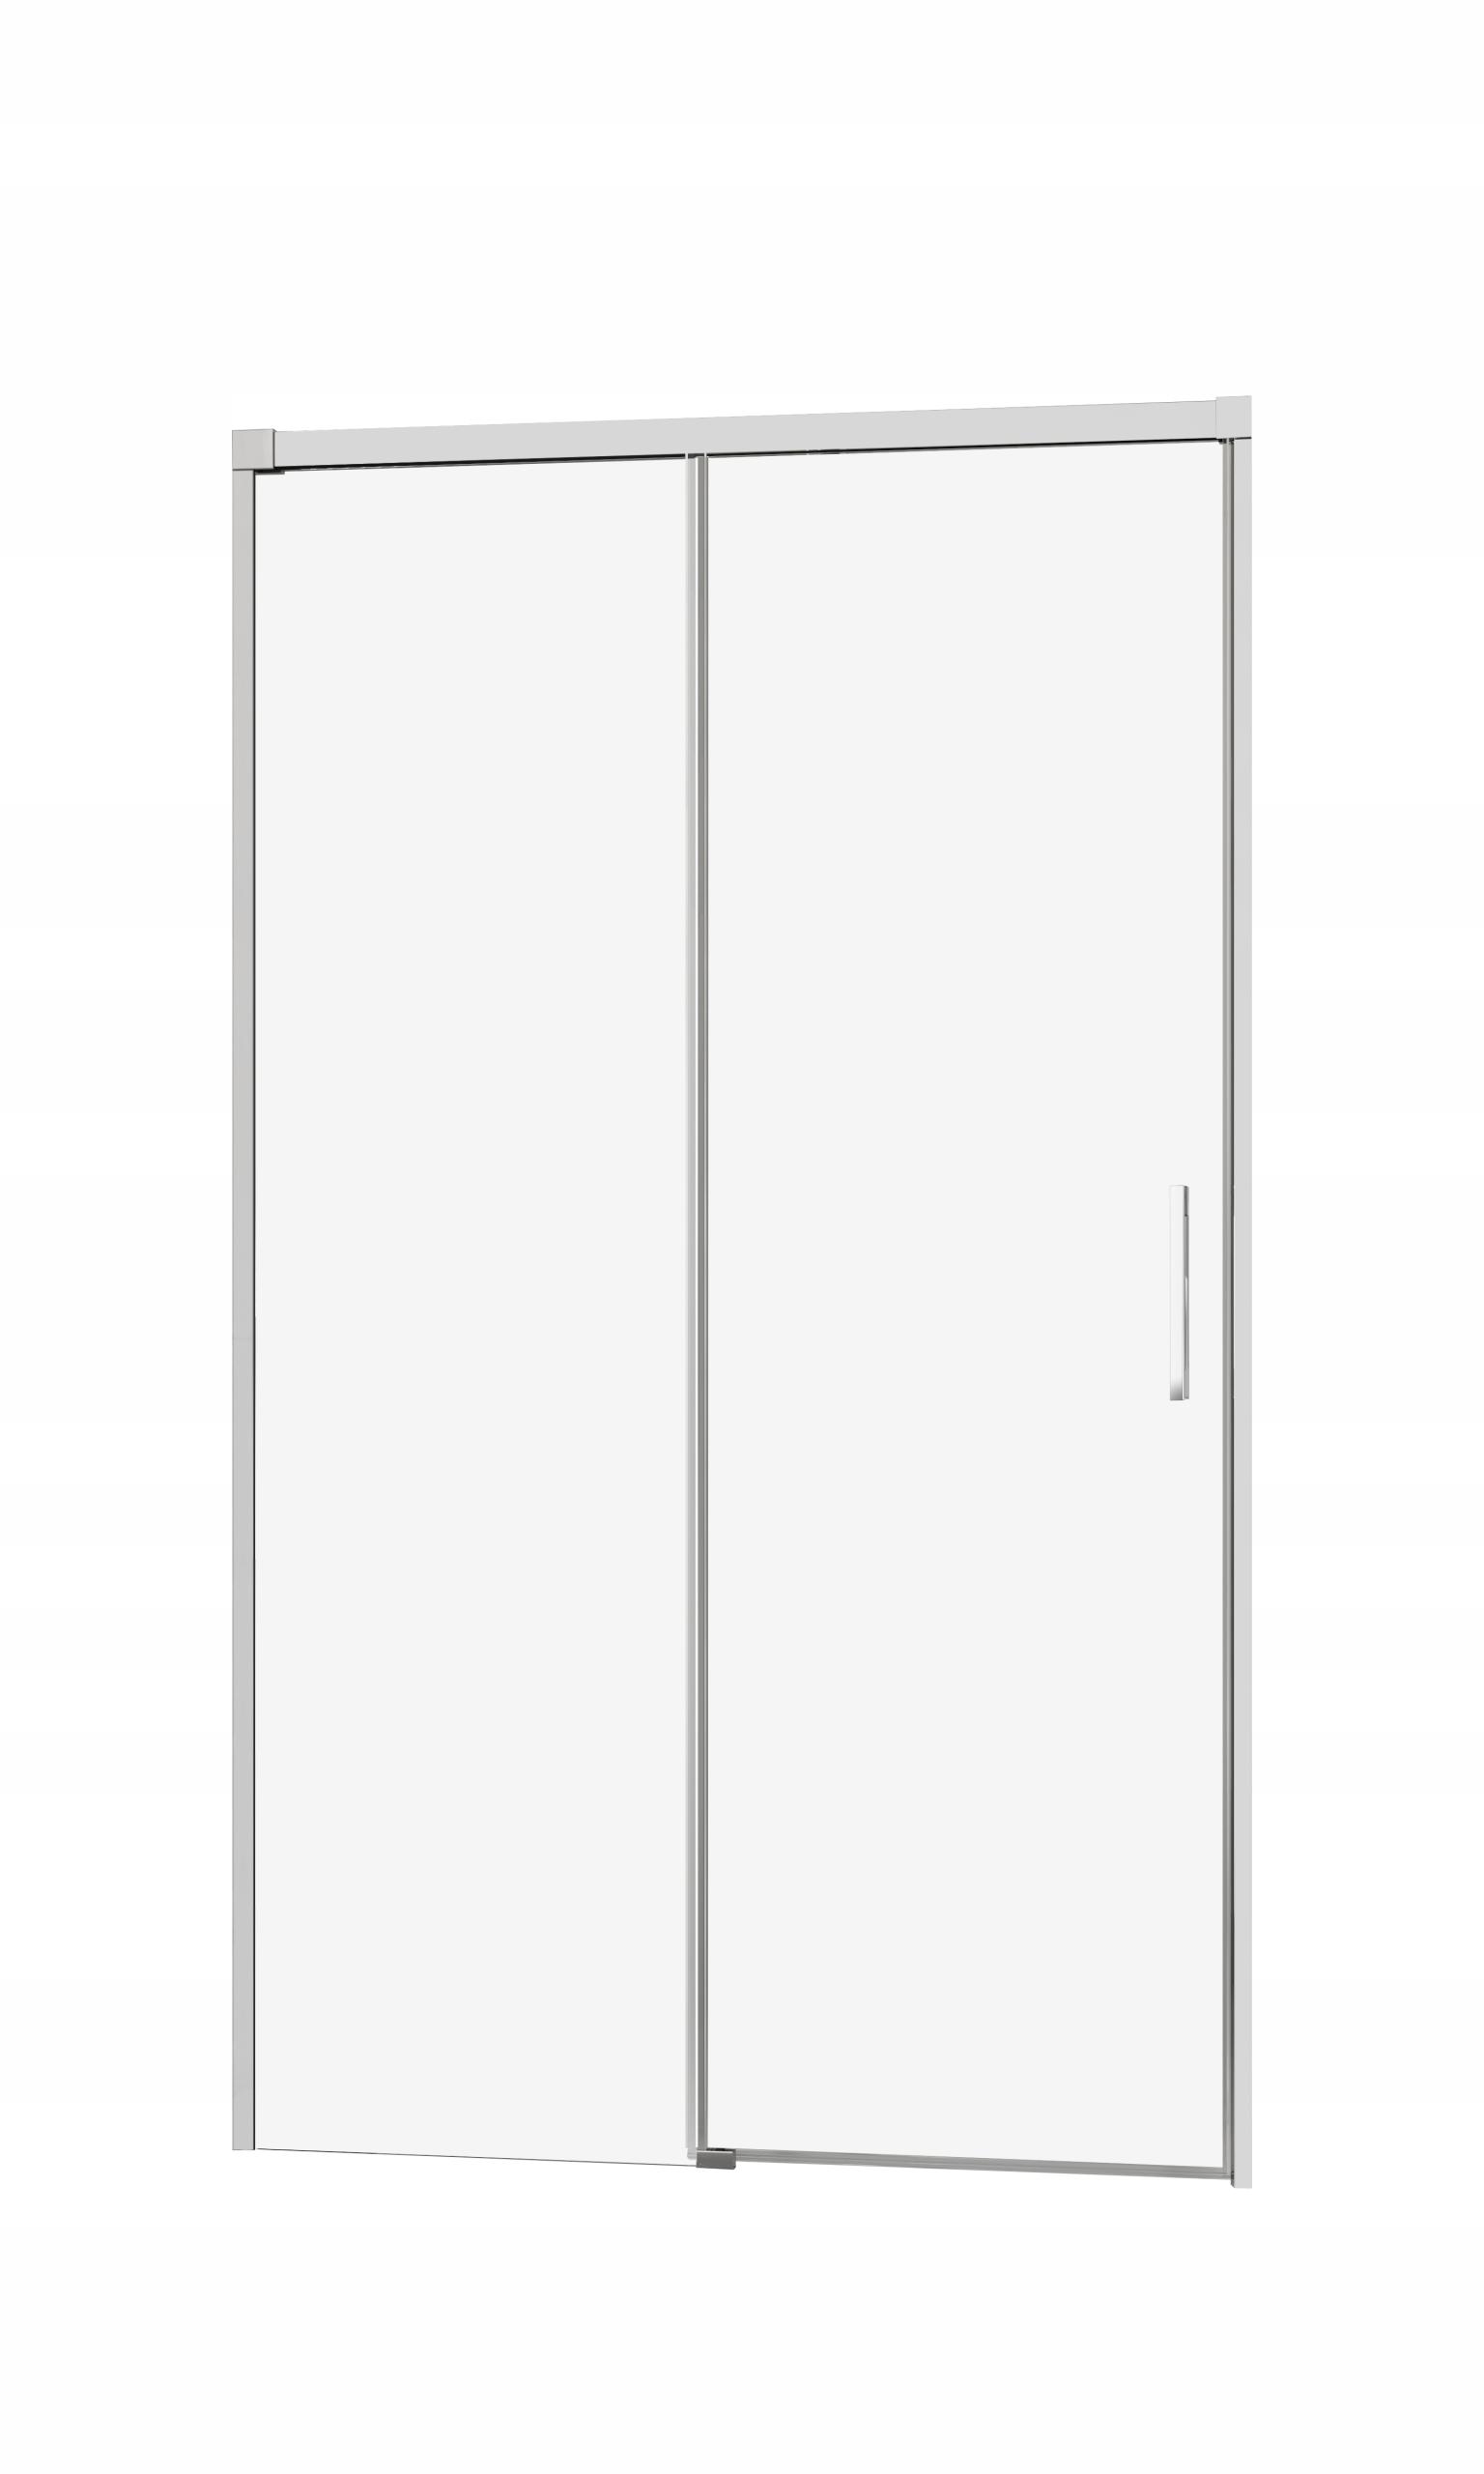 Idea sprchové dvere DWJ 140x200,5 cm RADAWAY